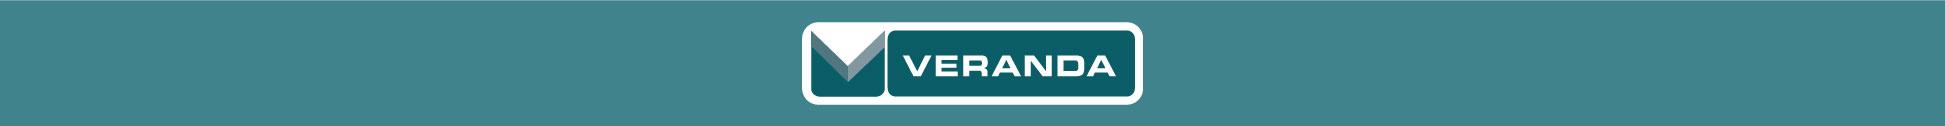 Veranda Banner